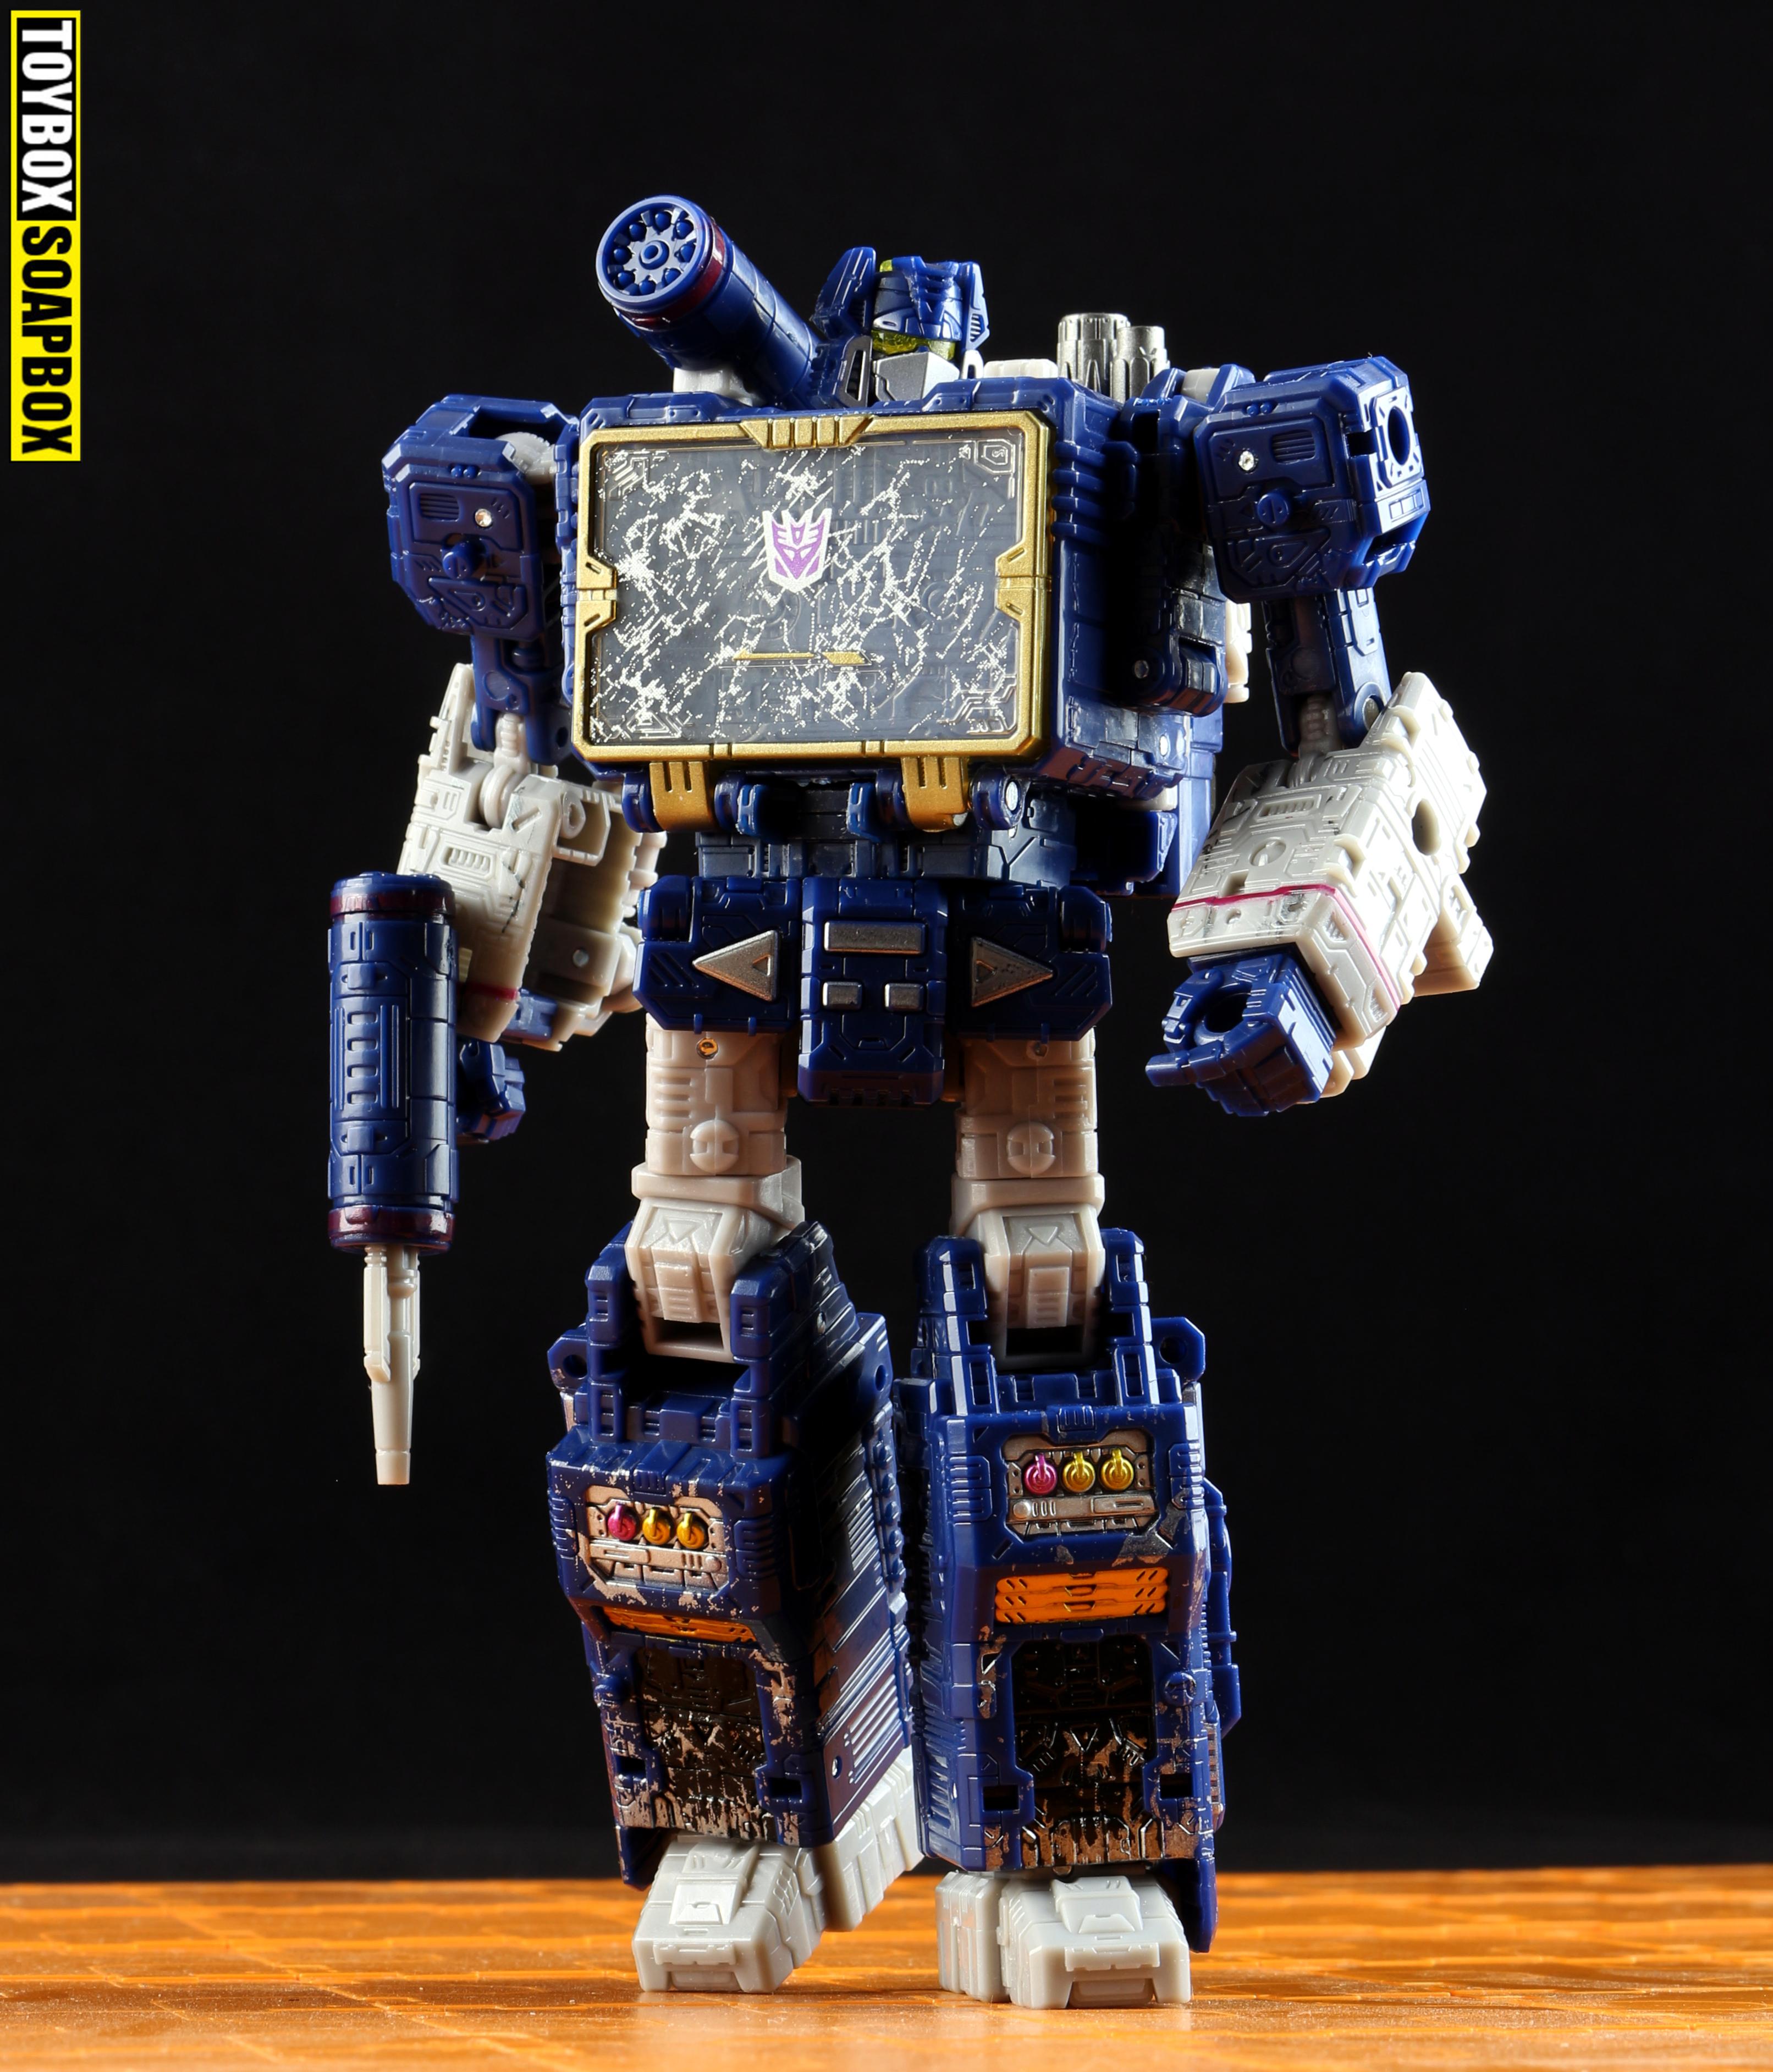 Transformers-siege-soundwave-review soundwave